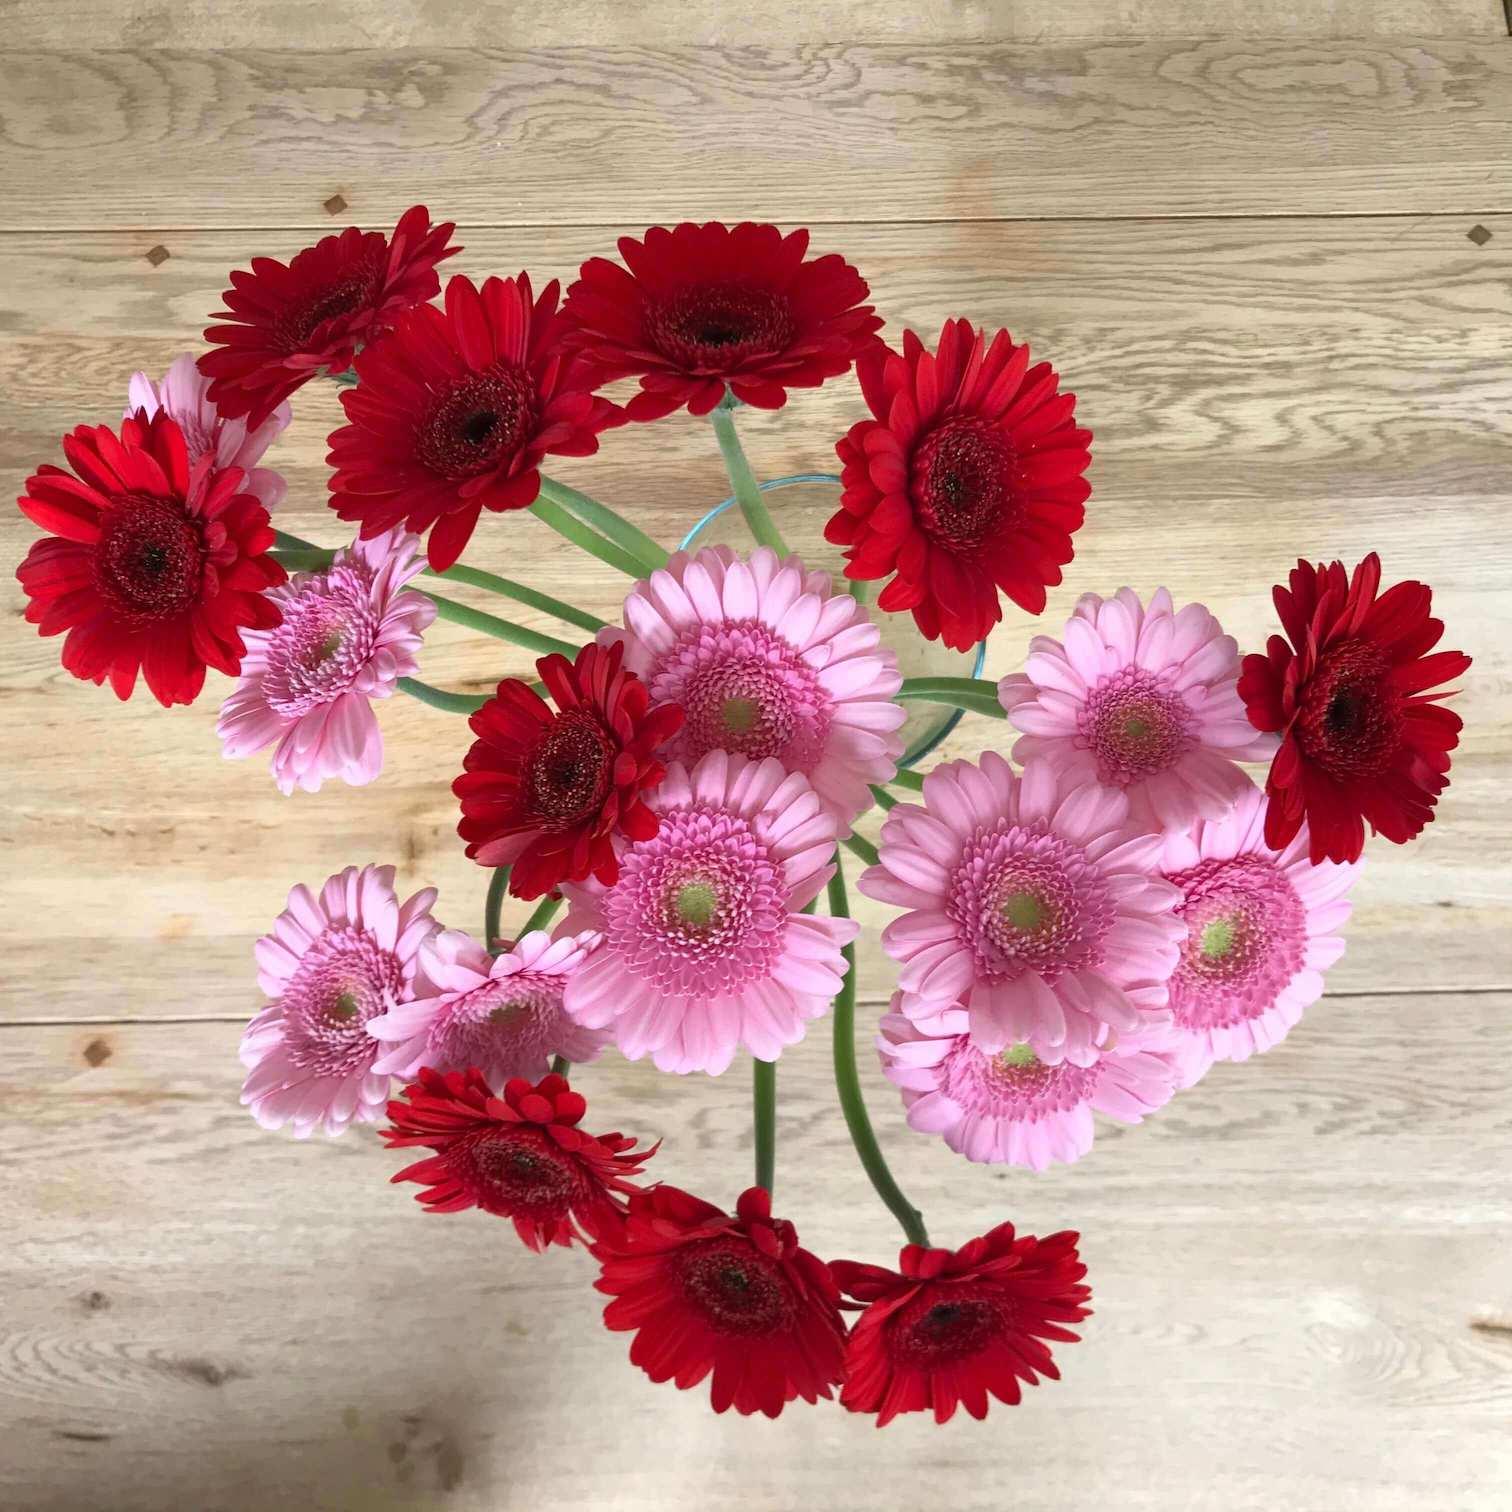 20 Geberas (meine Lieblingsblumen) zu 20 Jahren Beziehung. Seit Mai 2001 sind mein Mann und ich ein Paar. 20 rote und rosafarbene Geberas in einer Glasvase.